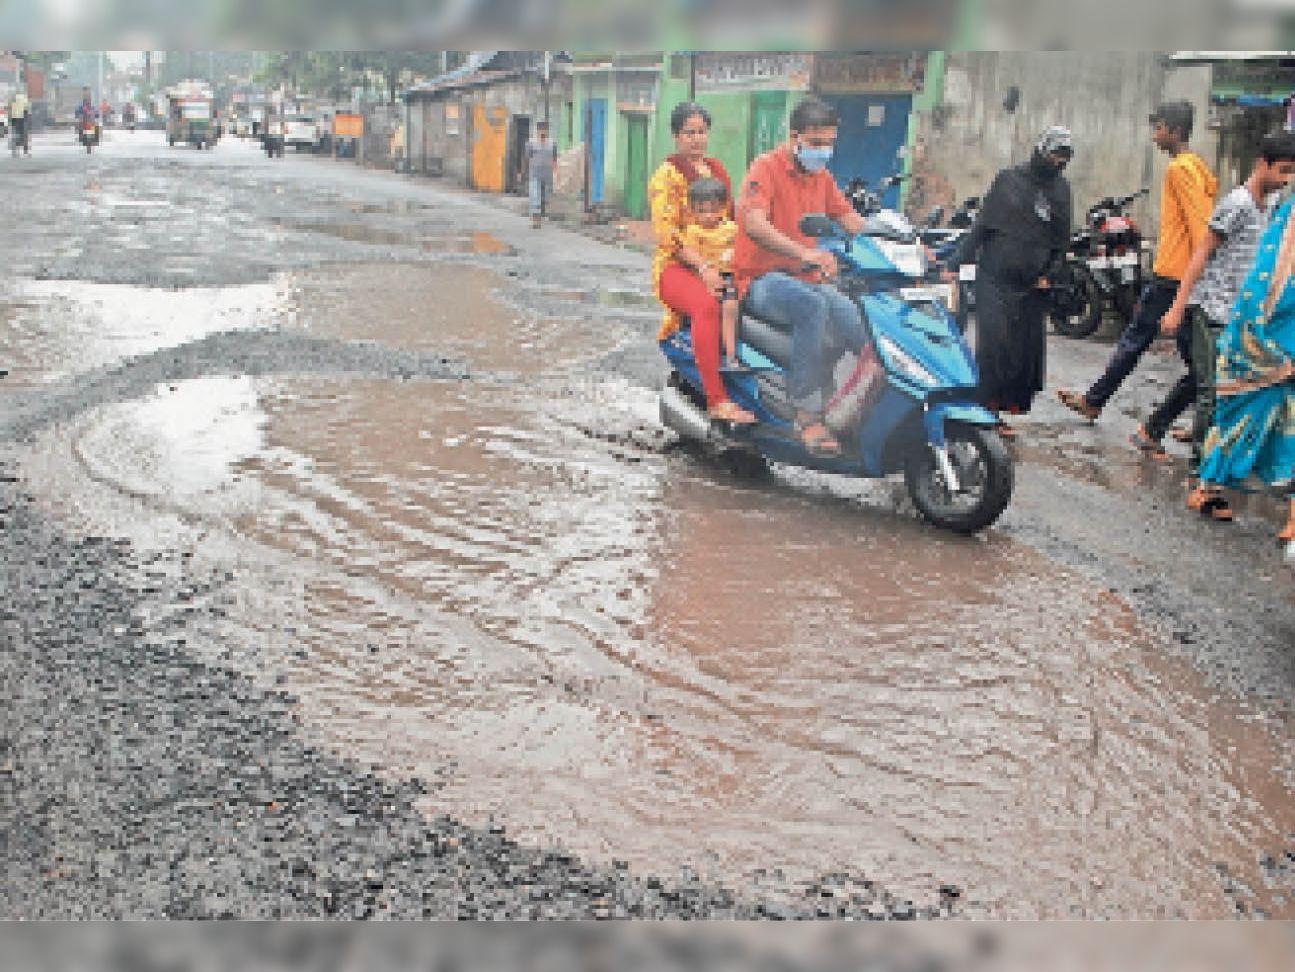 झरिया-सिन्दरी मुख्य मार्ग में सड़क पर बने गड्ढे और जल जमाव। - Dainik Bhaskar